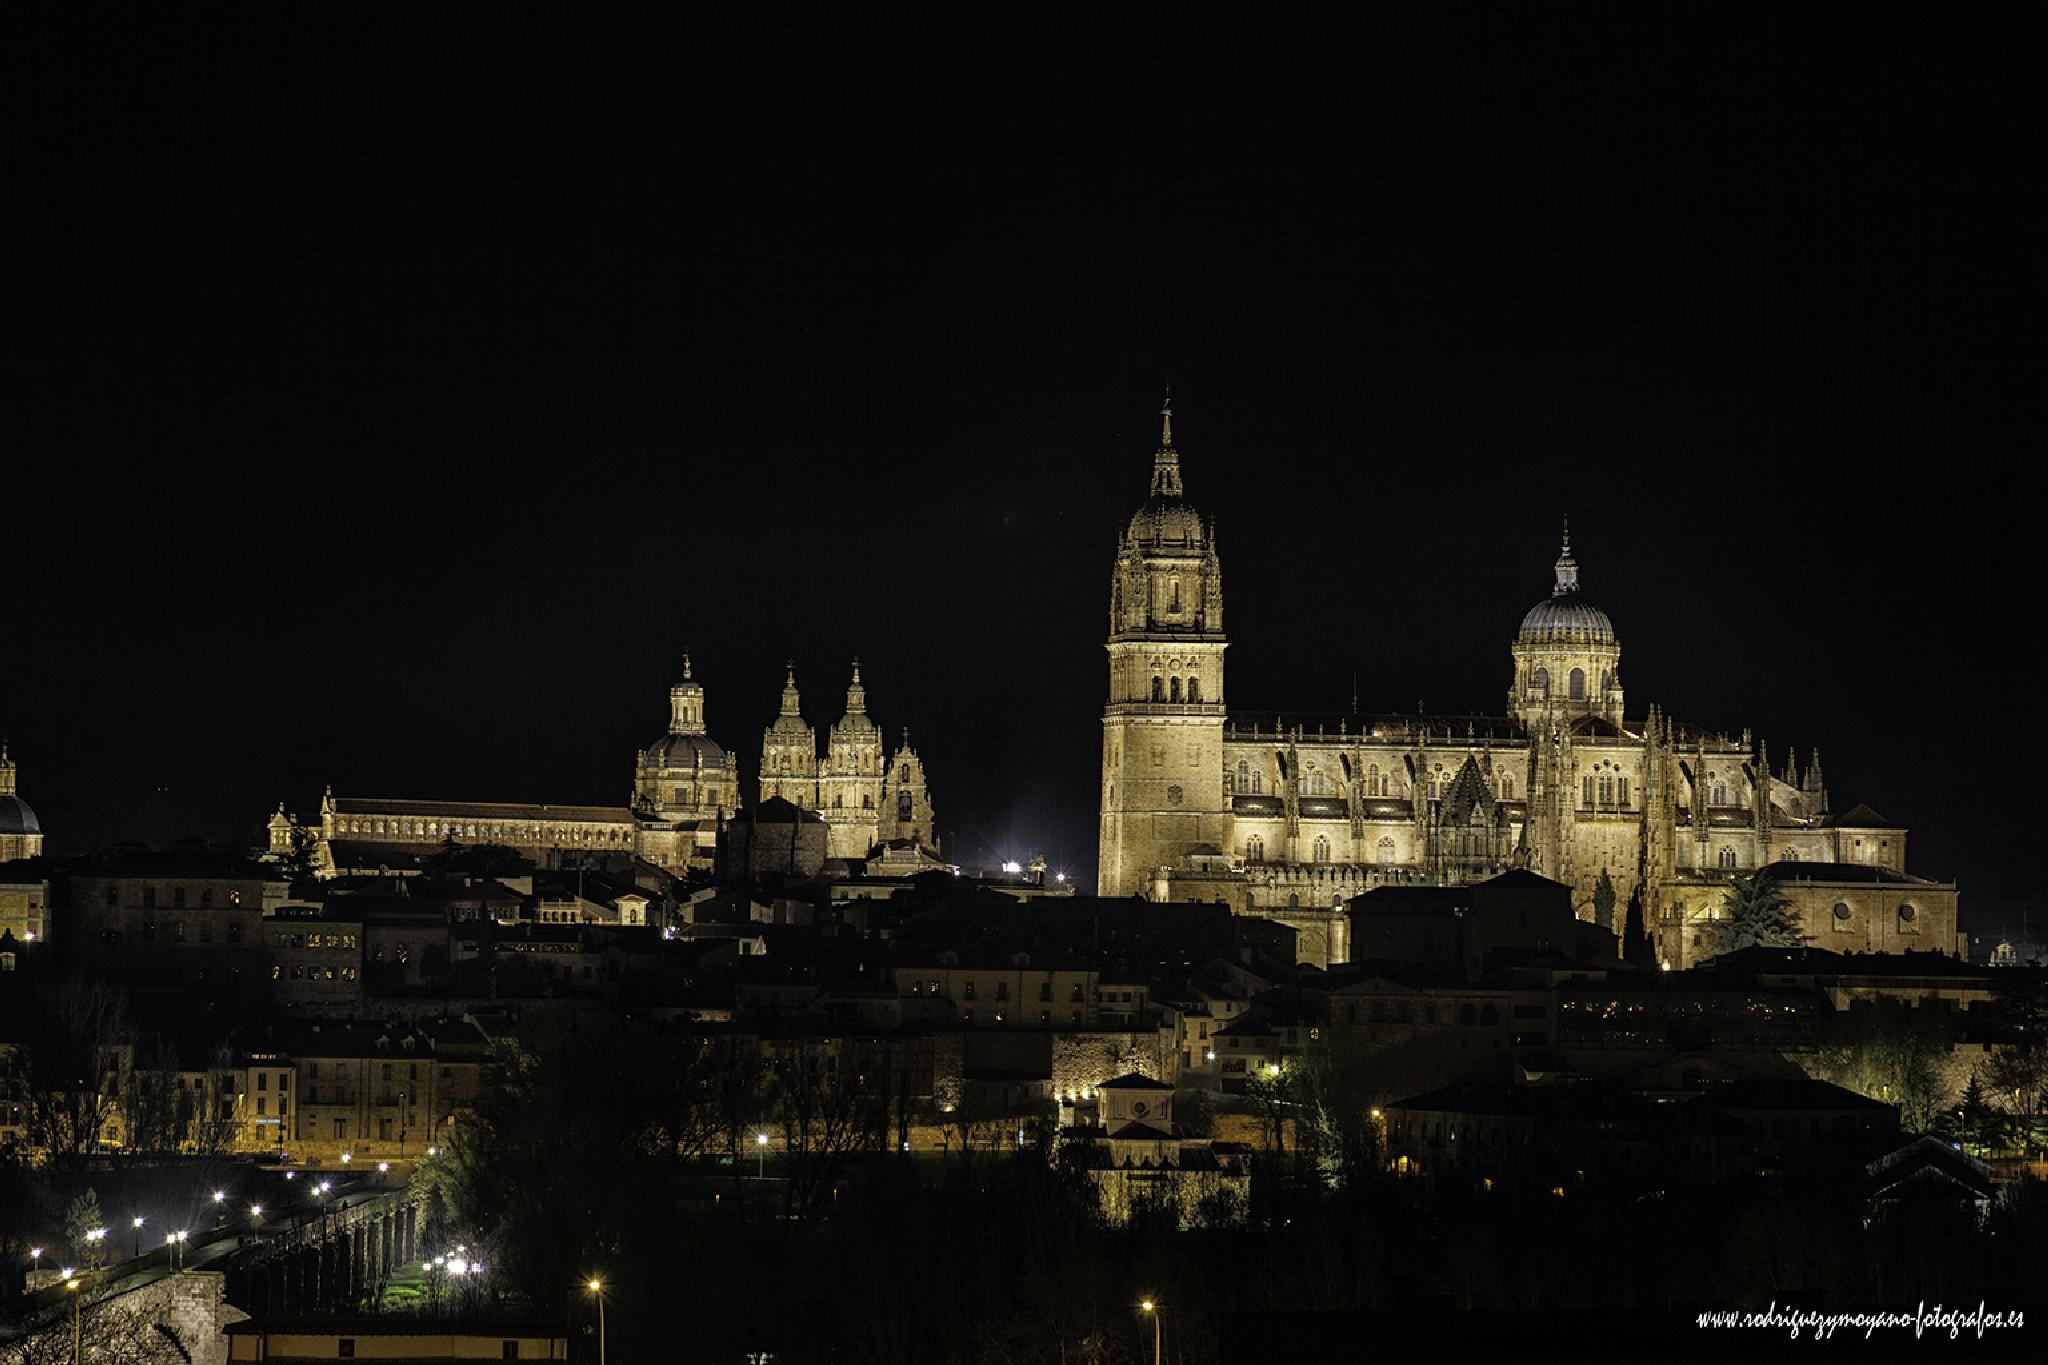 Salamanca - Spain by luisrguez